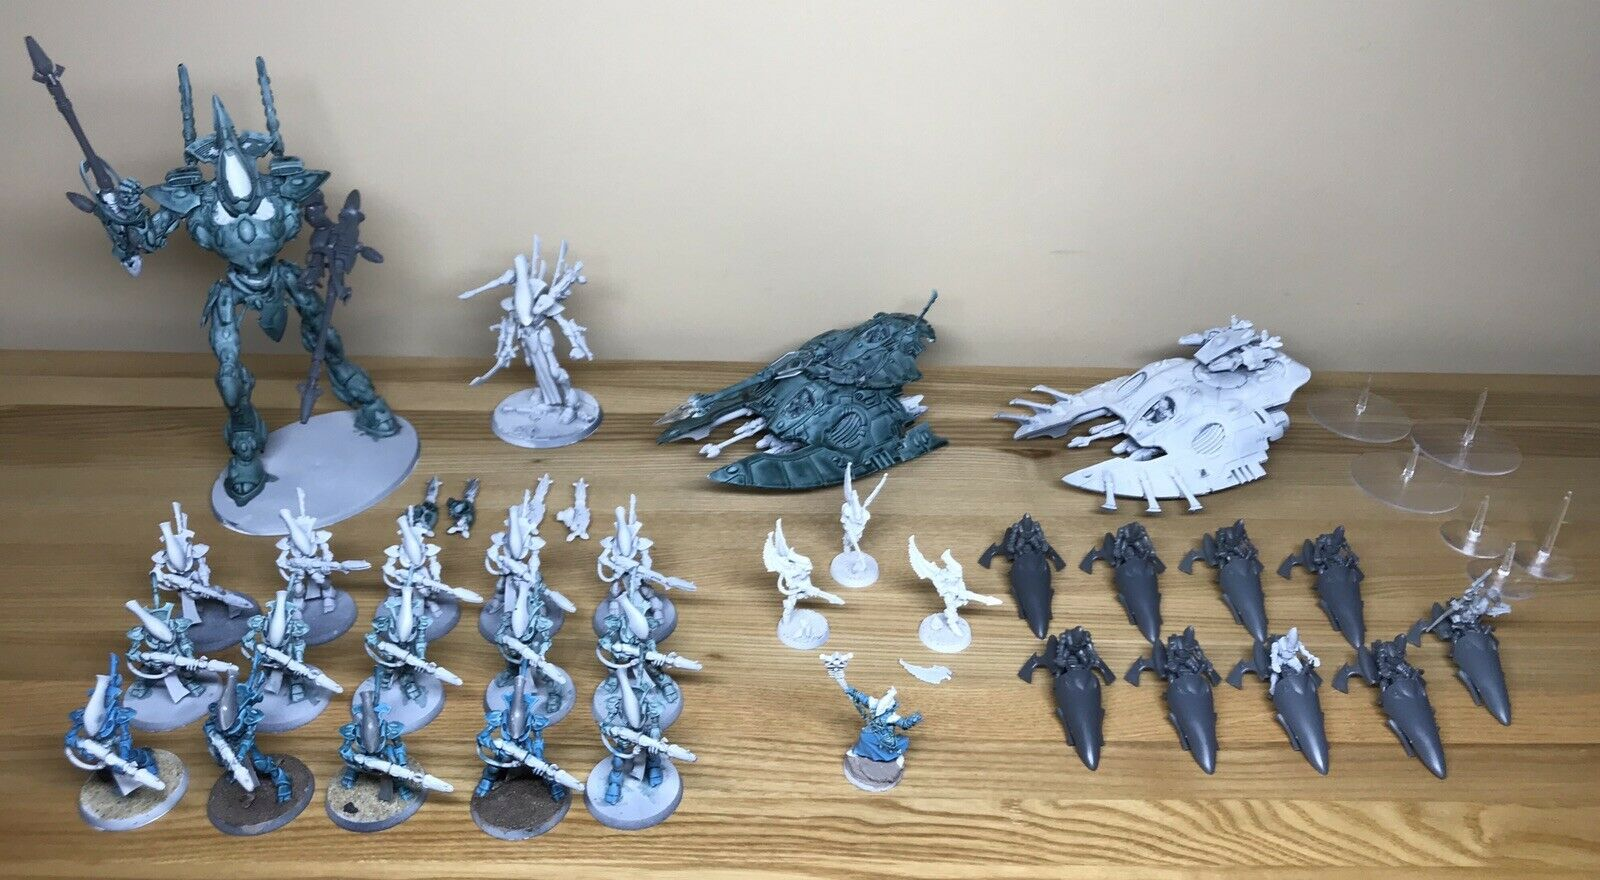 Warhammer 40k   Eldar   Aeldari Craftworlds Vanguard Detachment Army Windriders